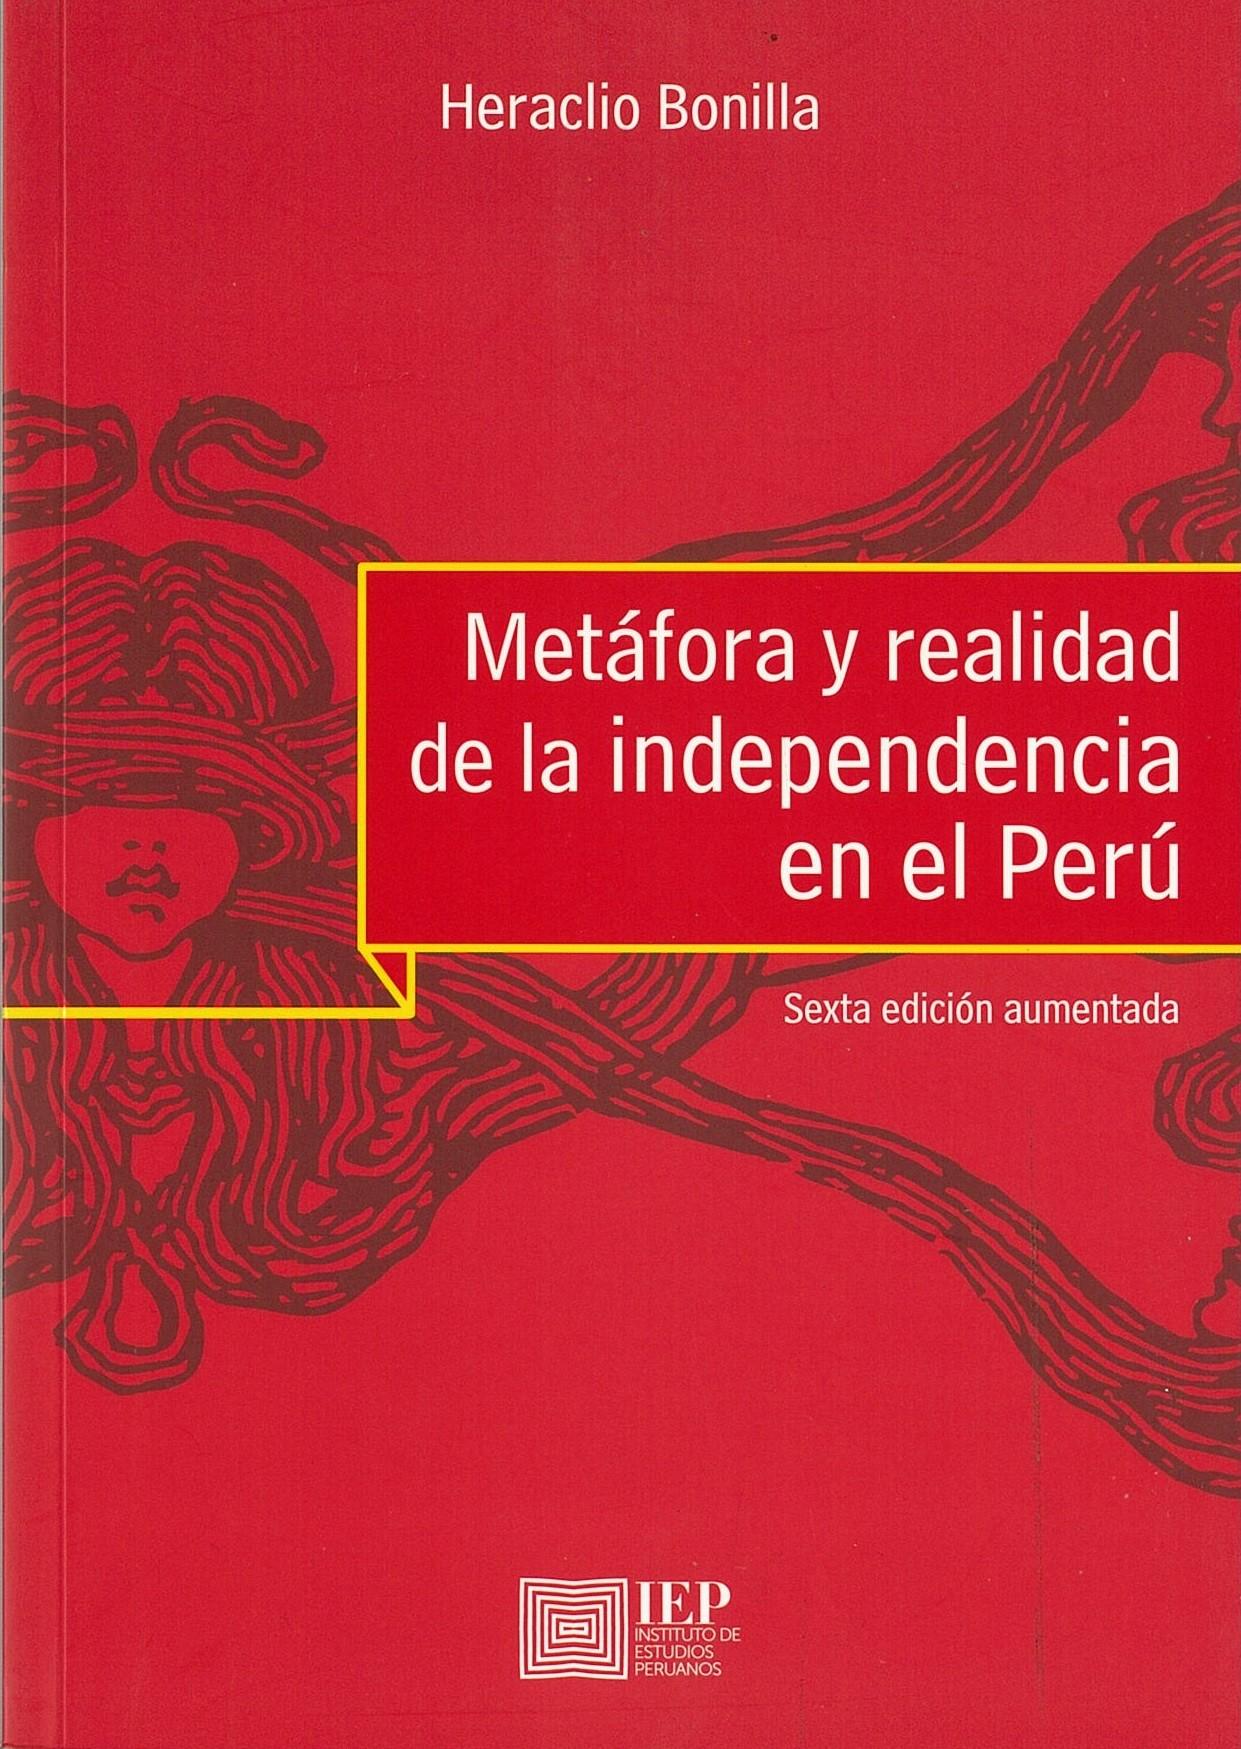 Metáfora y realidad de la Independencia  del Perú